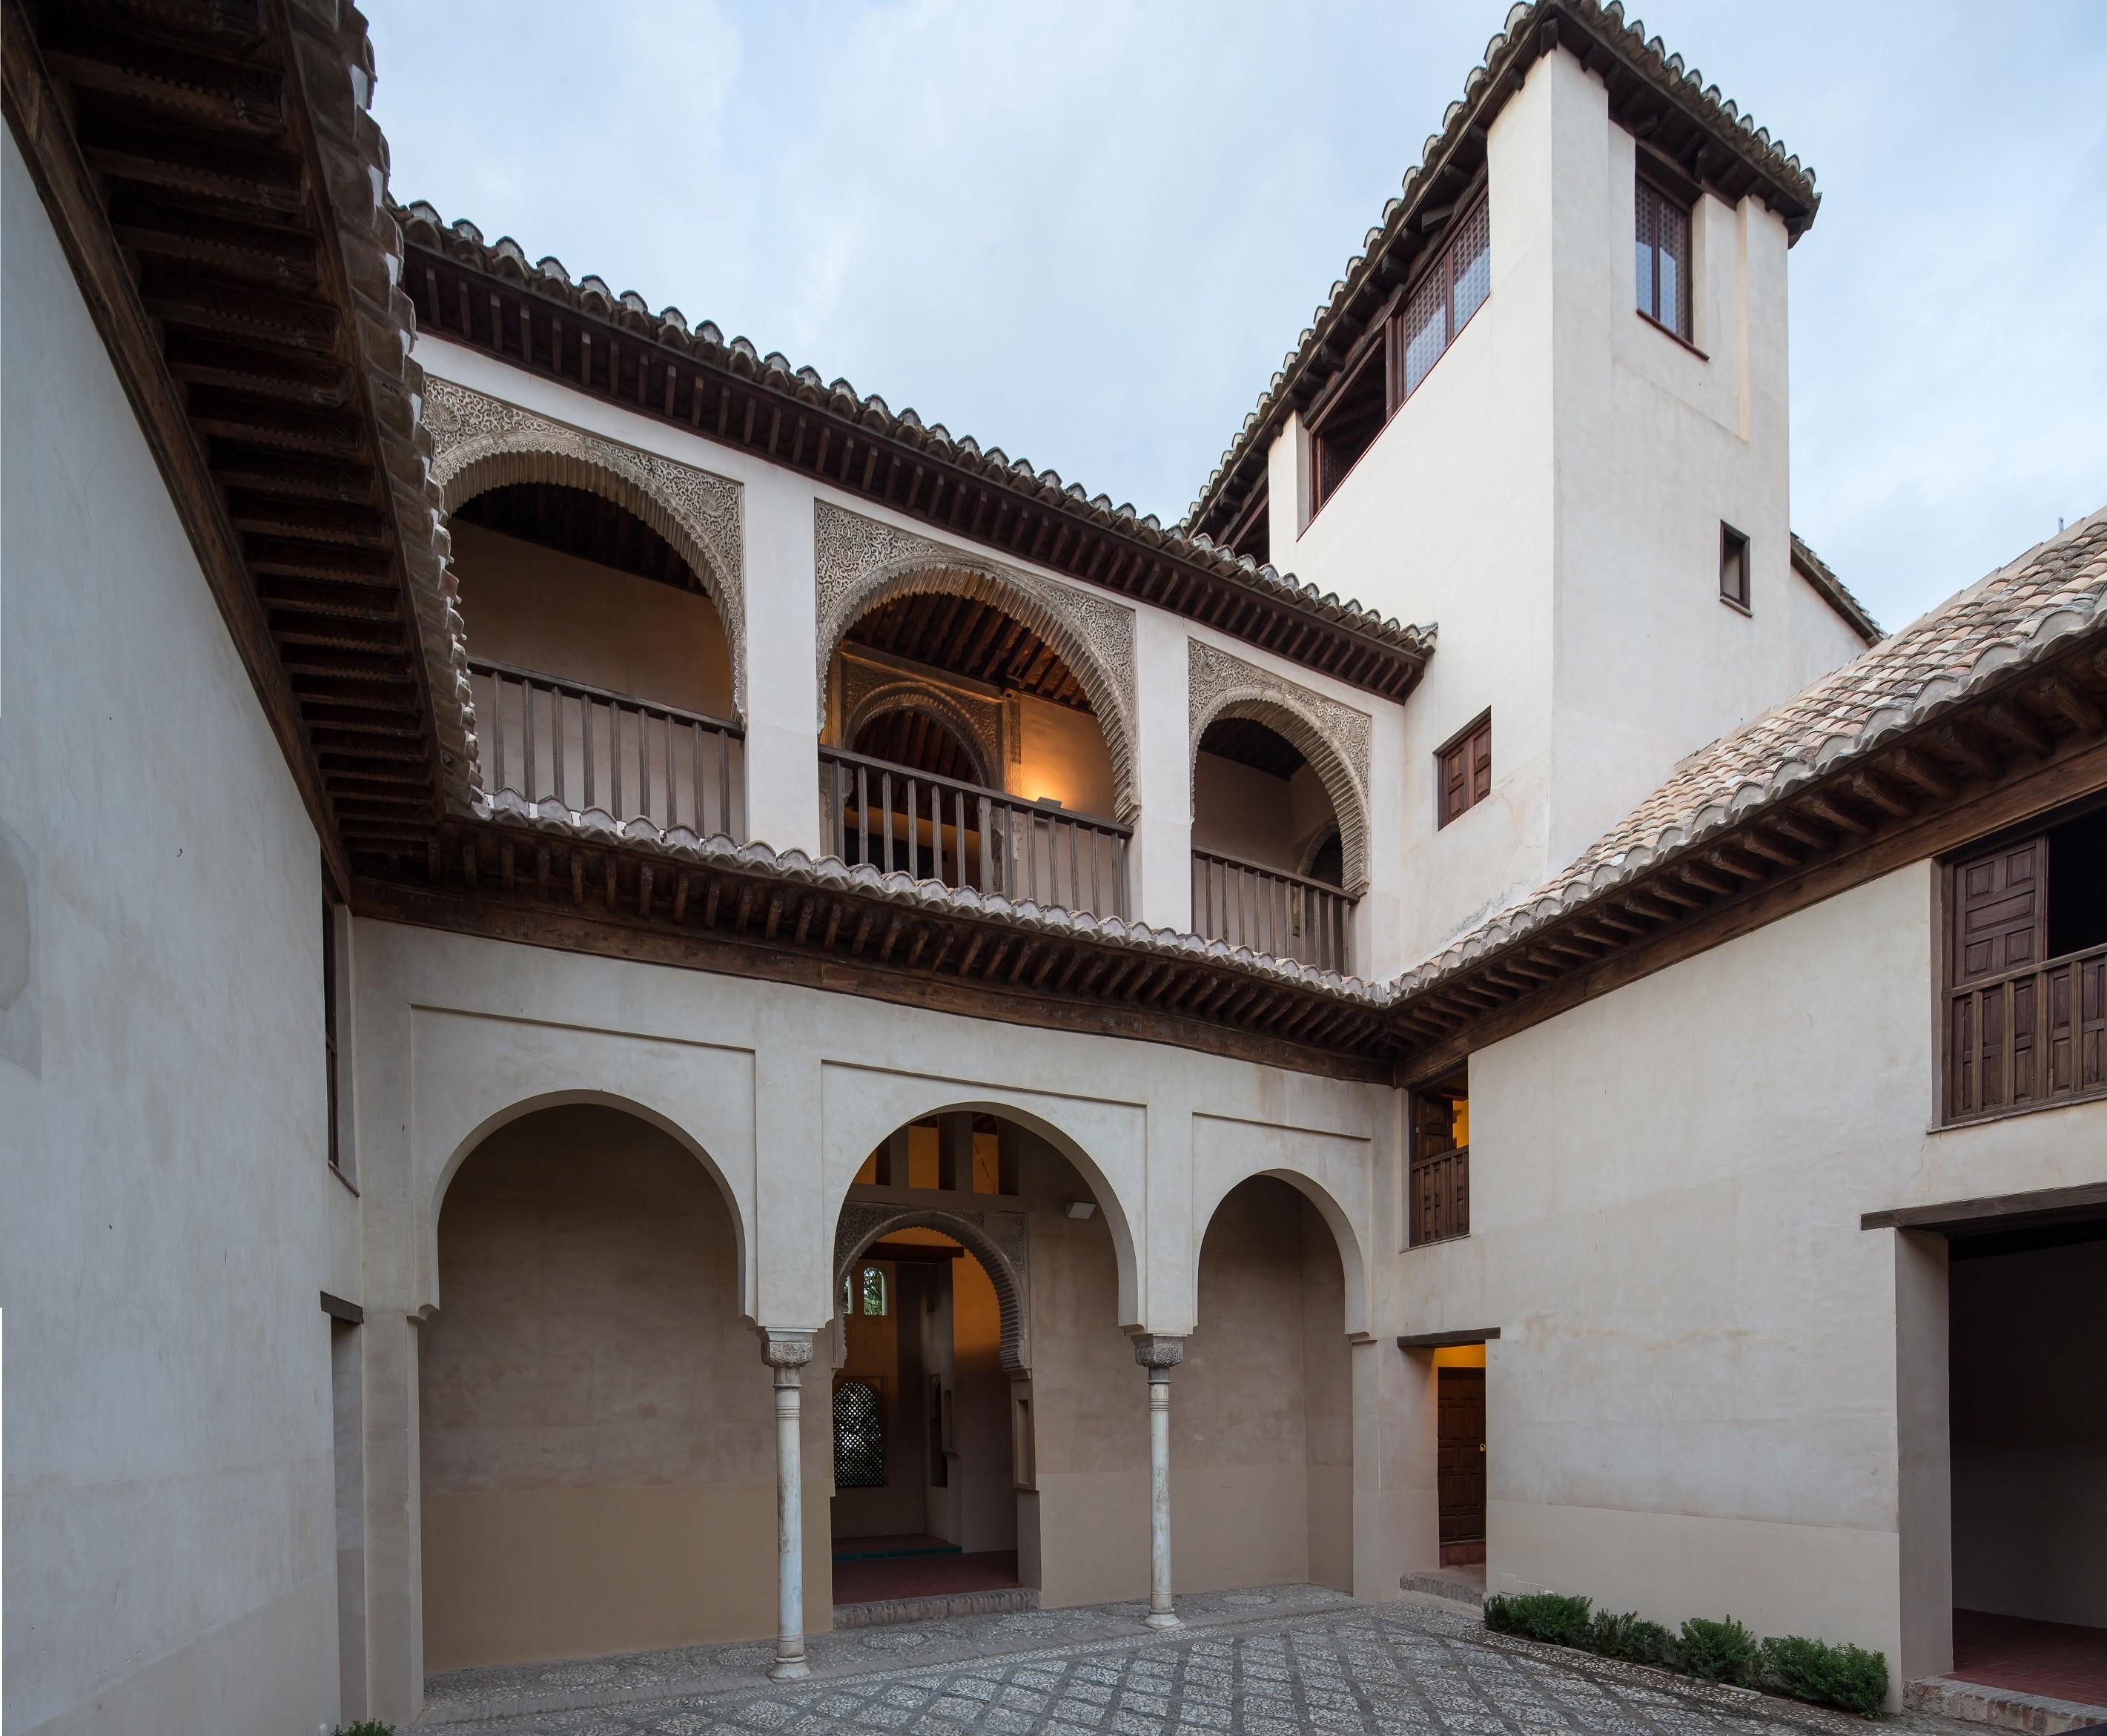 La Alhambra organiza actividades culturales y musicales para celebrar el Día de los Monumentos y Sitios